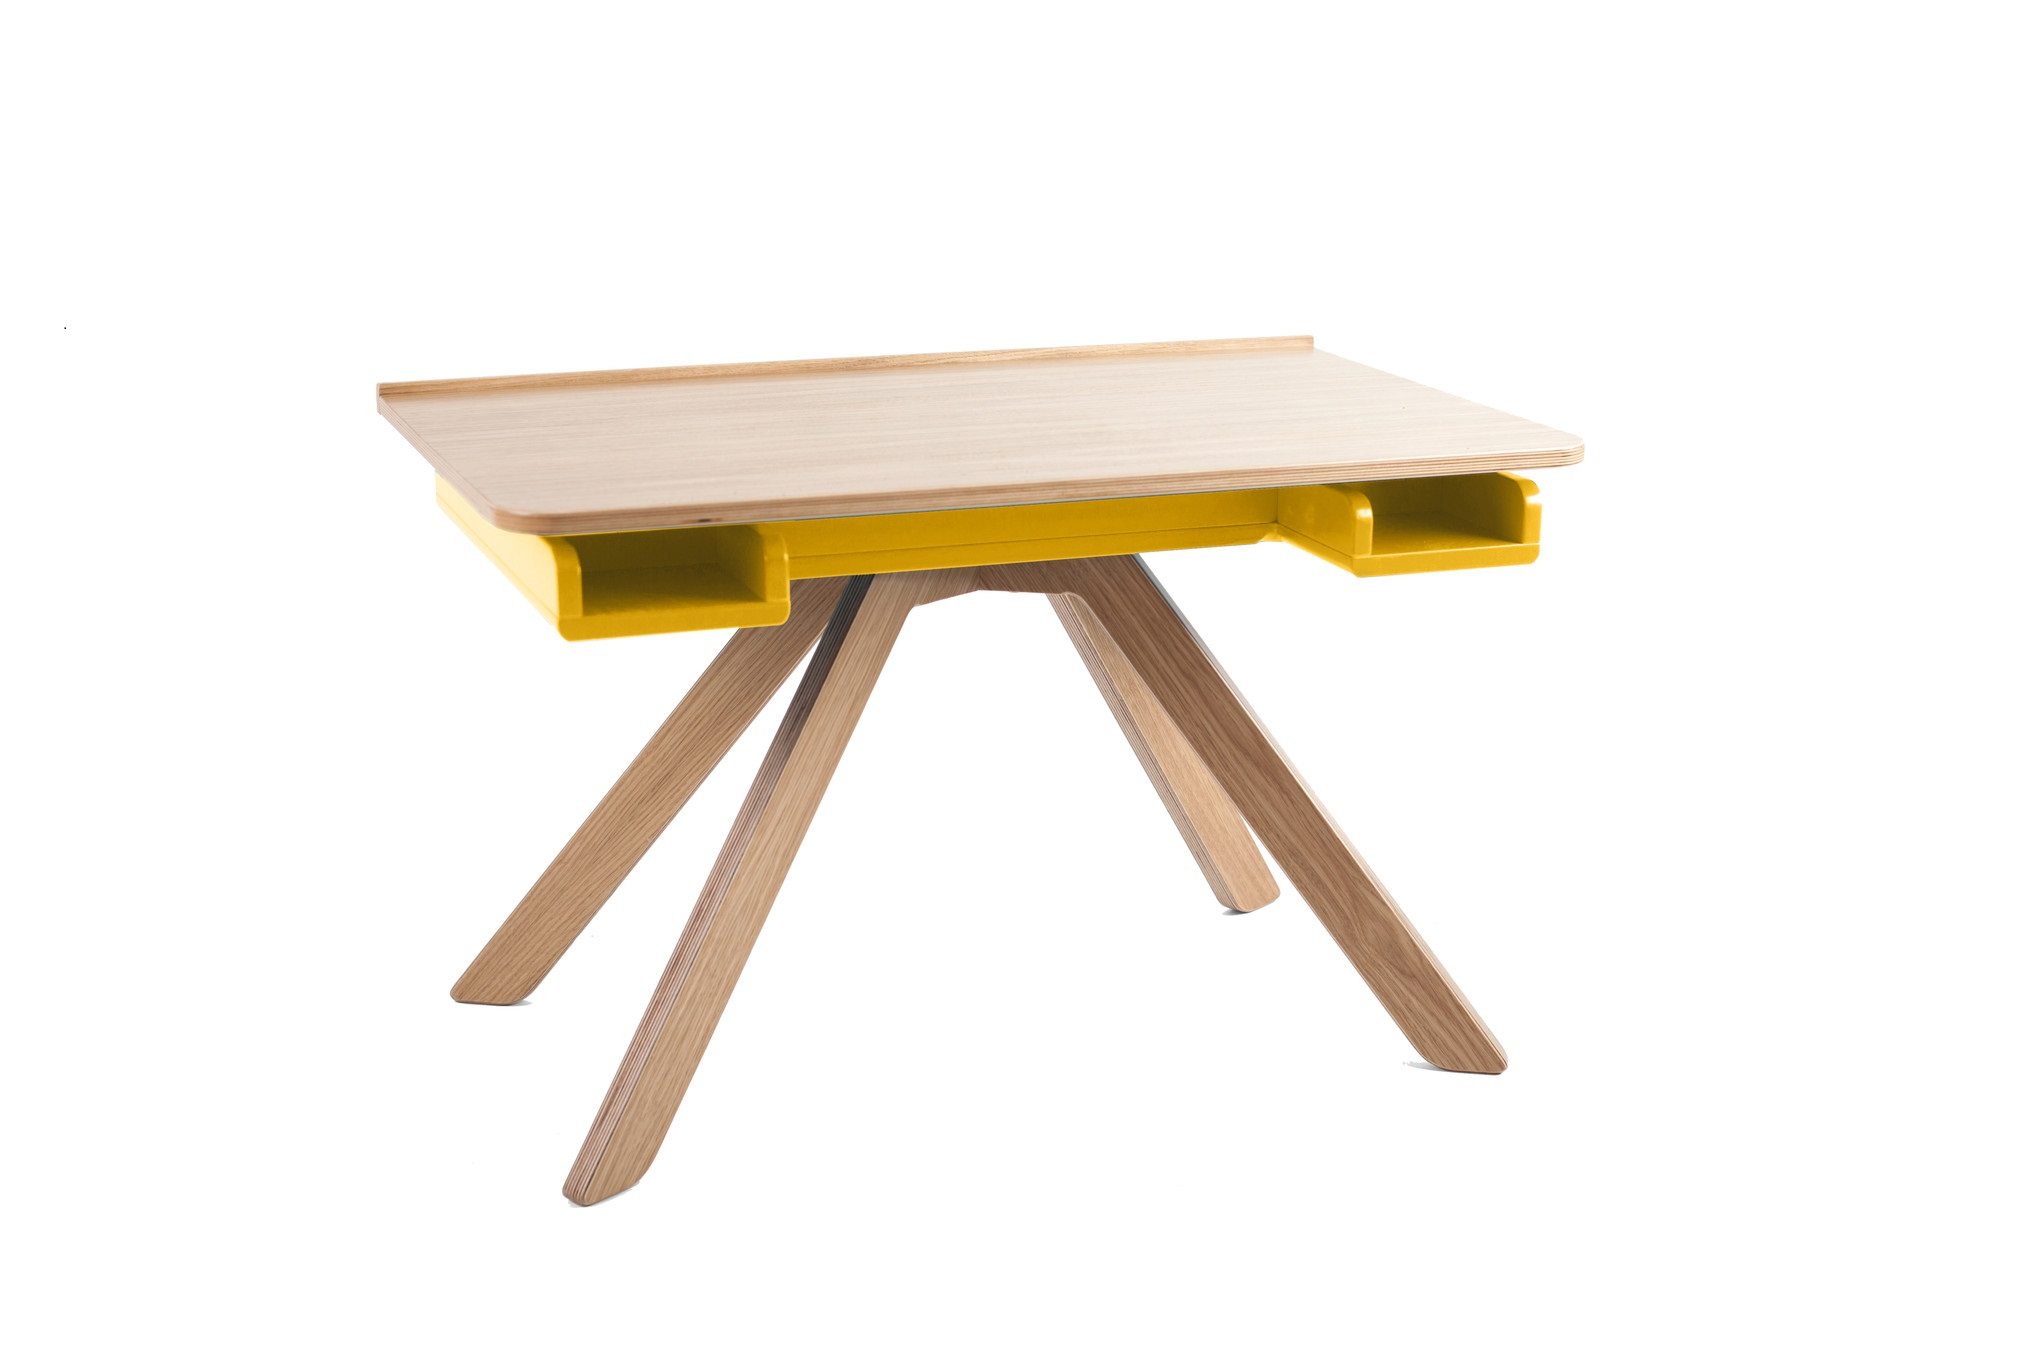 Стол-мольберт MalevichДетские письменные столики<br>&amp;lt;div&amp;gt;Стол многофункционален: его можно использовать как место для лепки, чтения, или игры, так и в качестве мольберта для рисования и предмета для хранения.&amp;amp;nbsp;&amp;lt;/div&amp;gt;&amp;lt;div&amp;gt;&amp;lt;br&amp;gt;&amp;lt;/div&amp;gt;&amp;lt;div&amp;gt;- Вместительное пространство для хранения позволит сохранить порядок в комнате, ведь туда с легкостью поместится все необходимое для творчества.&amp;amp;nbsp;&amp;lt;/div&amp;gt;&amp;lt;div&amp;gt;- На столешнице есть специальная накладка, куда ребенок при использовании мольберта может класть кисточки и карандаши.&amp;amp;nbsp;&amp;lt;/div&amp;gt;&amp;lt;div&amp;gt;- В столе также есть небольшие полочки, к которым есть доступ при закрытой столешнице, туда ребенок может положить карандаши, маленькую игрушку или еще какую-то мелочь.&amp;amp;nbsp;&amp;lt;/div&amp;gt;&amp;lt;div&amp;gt;- Столешница сделана из фанеры, покрыта дубовым шпоном и выкрашена прозрачным лаком и это не случайно: царапины и вмятины не будут заметны так сильно, как на столешницах, выкрашенных эмалью.&amp;amp;nbsp;&amp;lt;/div&amp;gt;&amp;lt;div&amp;gt;- Благодаря удобным механизмам и наличию зазоров между столешницей и отсеком для хранения, ребенок сможет самостоятельно поднимать и опускать столешницу, не прищемляя пальчики.&amp;amp;nbsp;&amp;lt;/div&amp;gt;&amp;lt;div&amp;gt;&amp;lt;br&amp;gt;&amp;lt;/div&amp;gt;&amp;lt;div&amp;gt;Материал: березовая фанера, дубовый шпон.&amp;lt;/div&amp;gt;<br><br>Material: Фанера<br>Ширина см: 93<br>Высота см: 56<br>Глубина см: 56